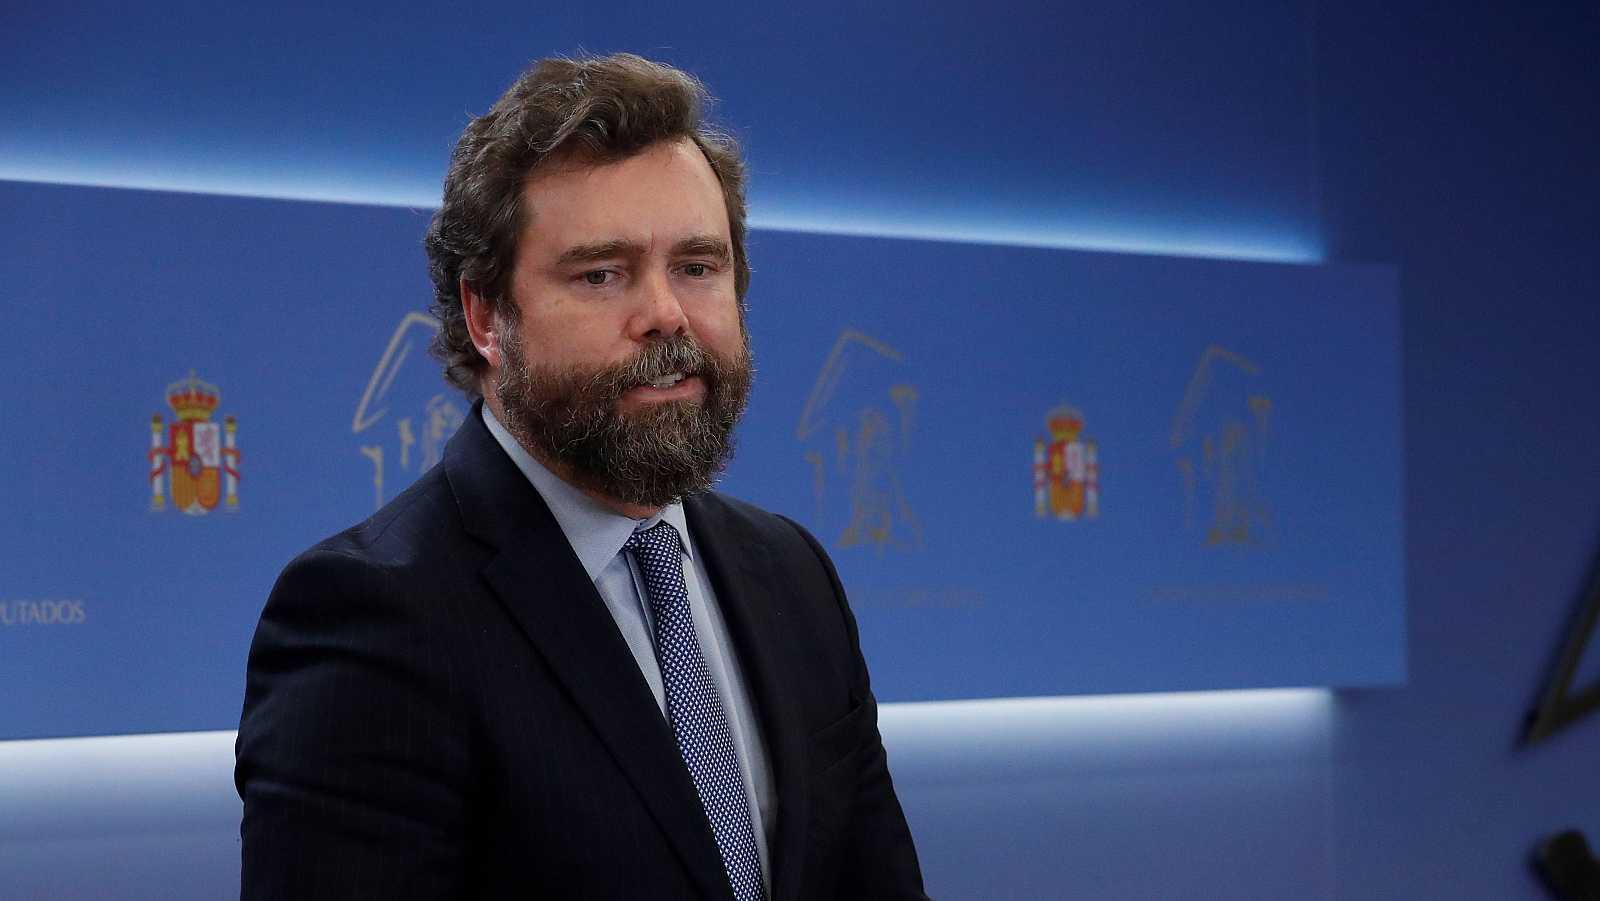 """Las mañanas de RNE con Íñigo Alfonso - Espinosa de los Monteros: """"Volveríamos a presentar una moción de censura, el país cada día va peor"""" - Escuchar ahora"""